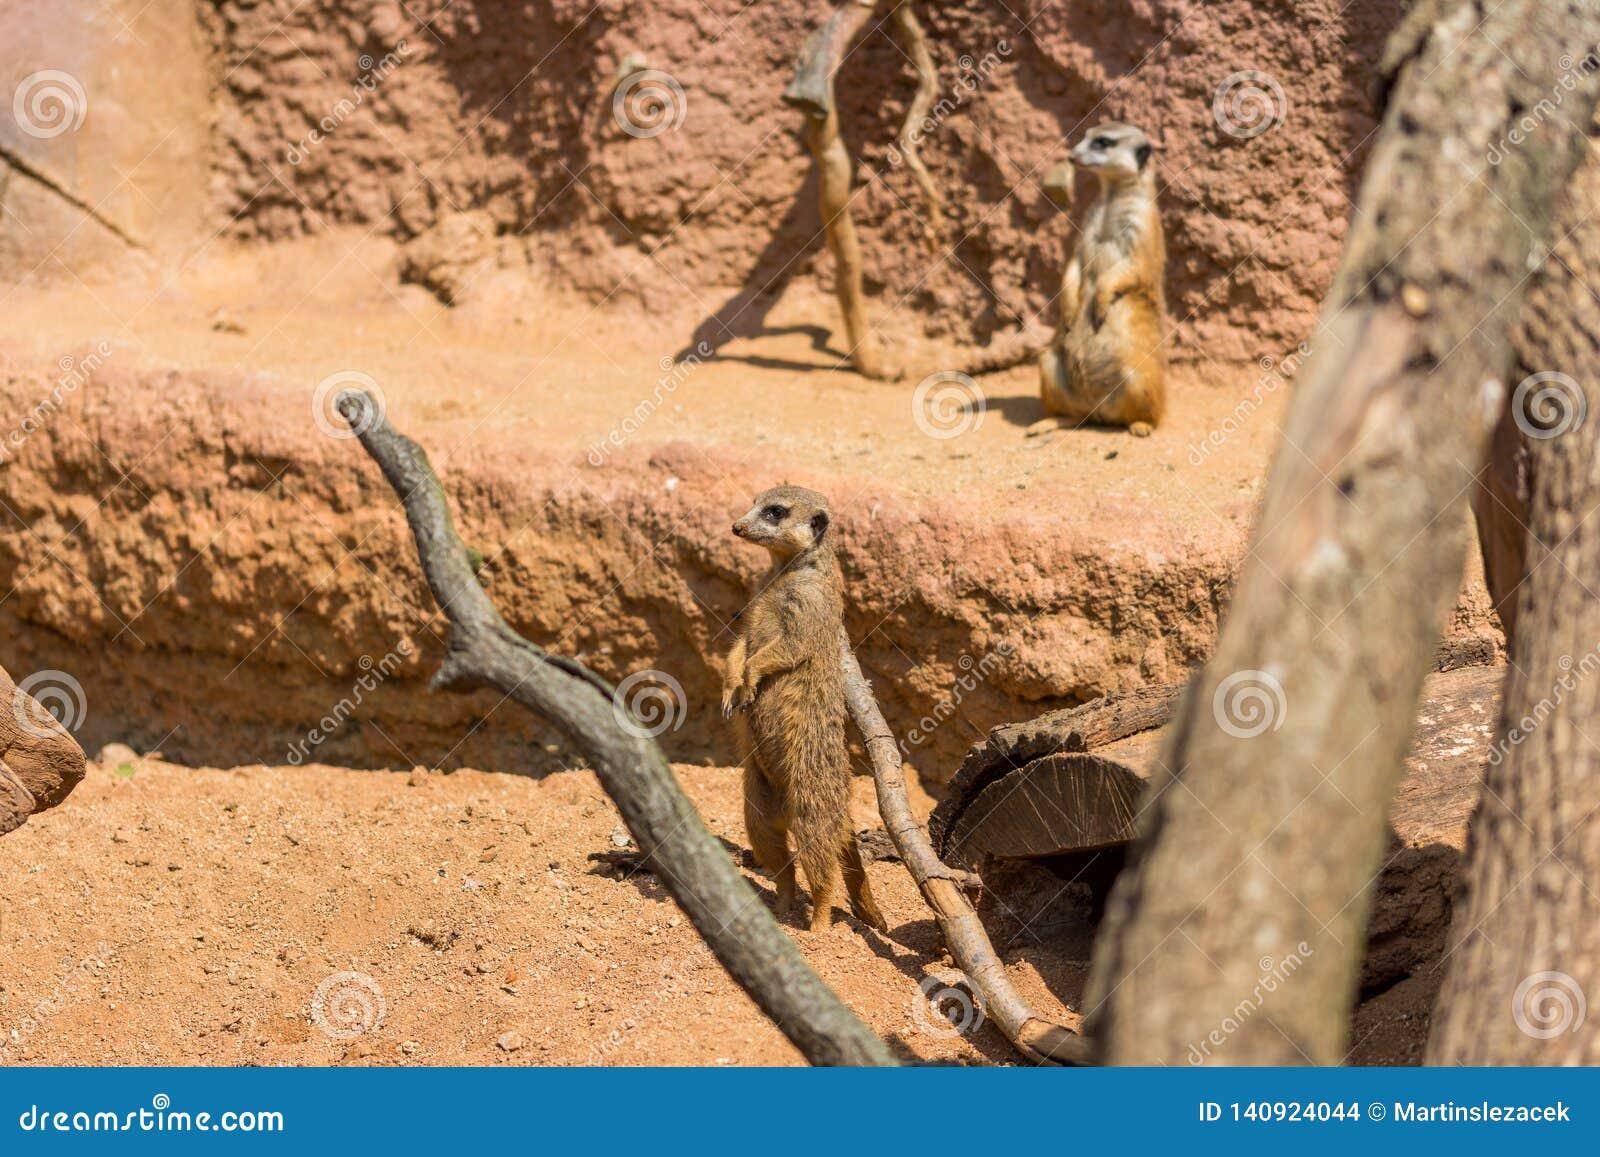 Meerkat zwierzęcy łaciński imię Suricata Suricatta w dzikim Szczegół afrykański zwierzęcy odprowadzenie na ziemi Czujny strzeżeni